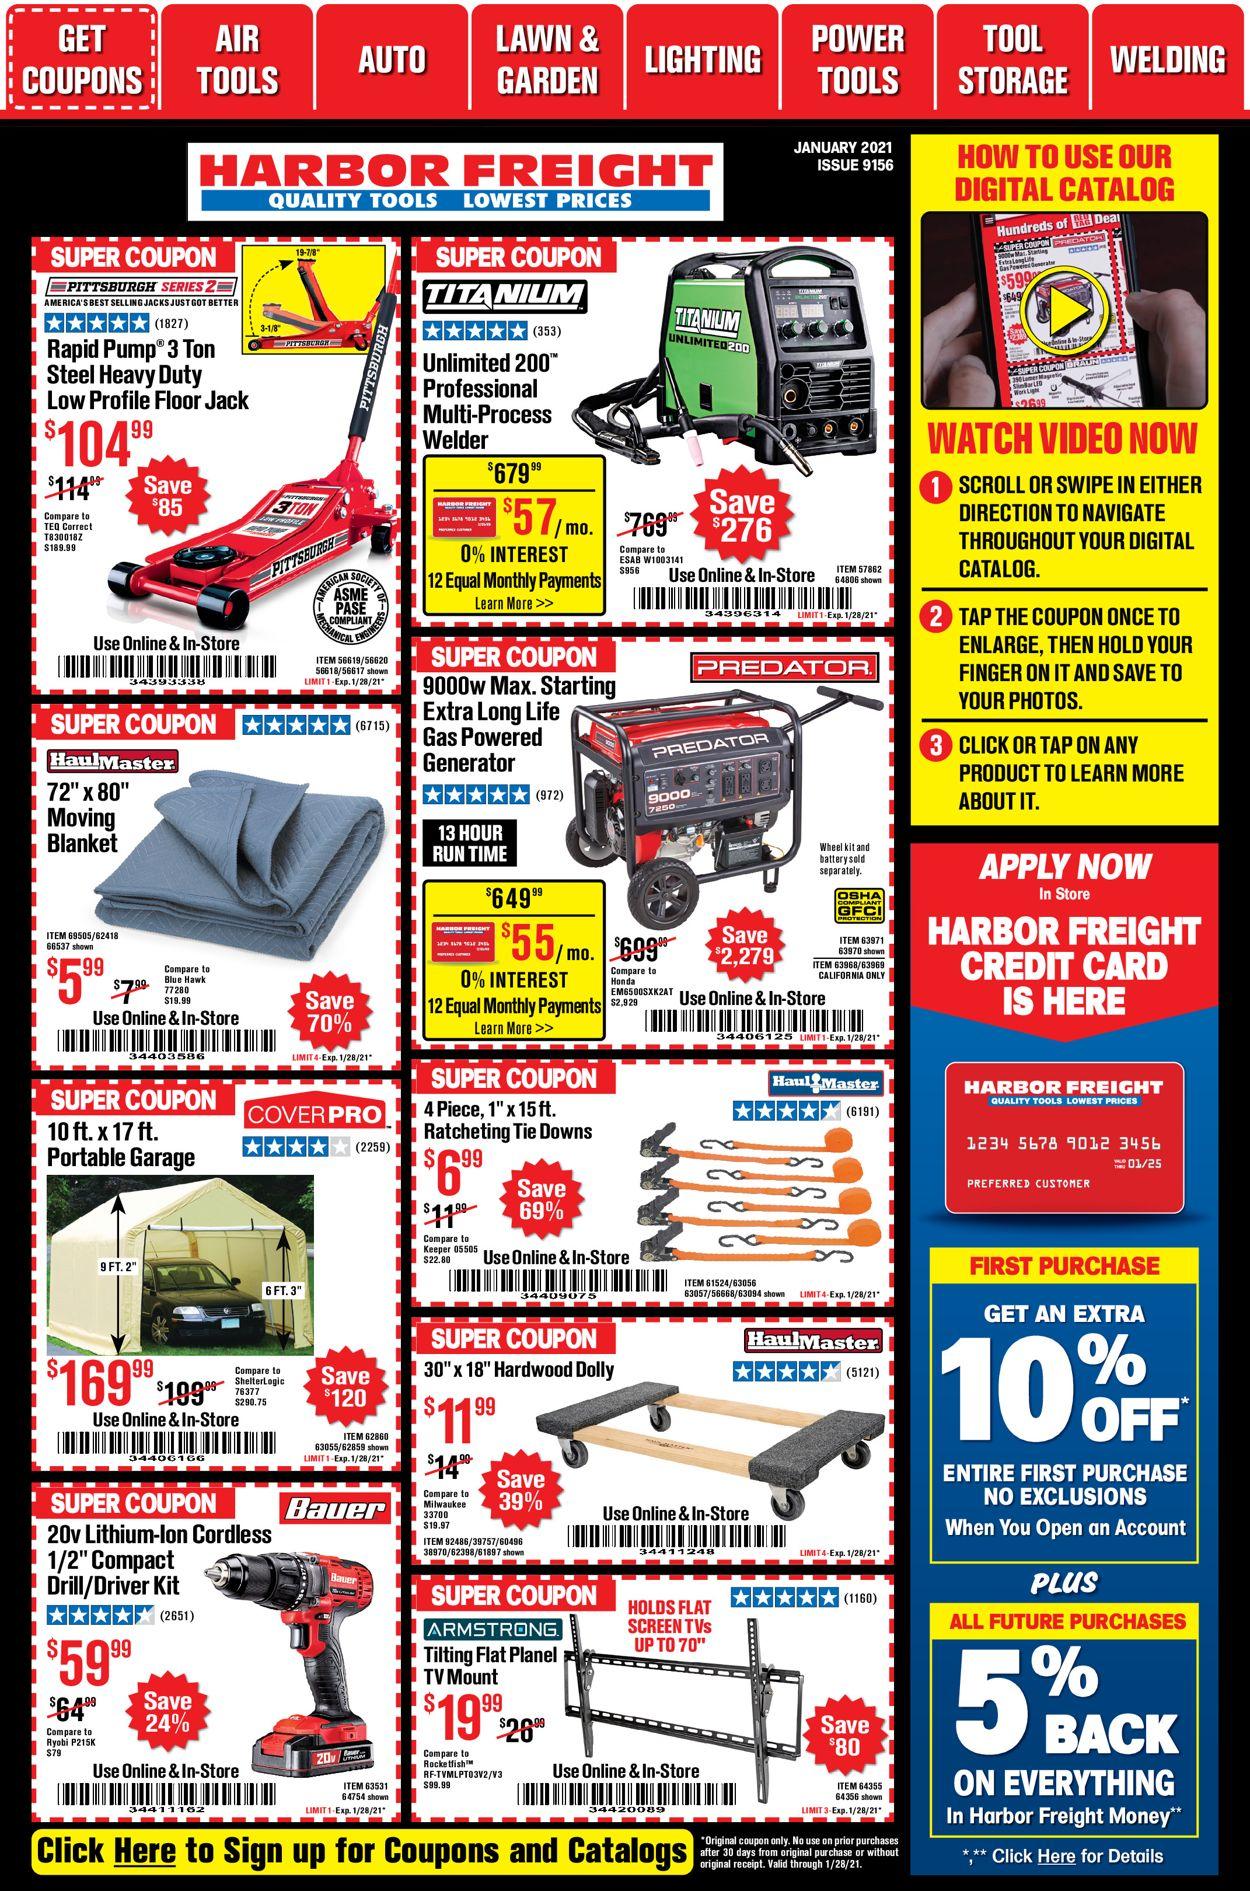 Harbor Freight January 2021 Main Catalog Weekly Ad Circular - valid 01/04-01/28/2021